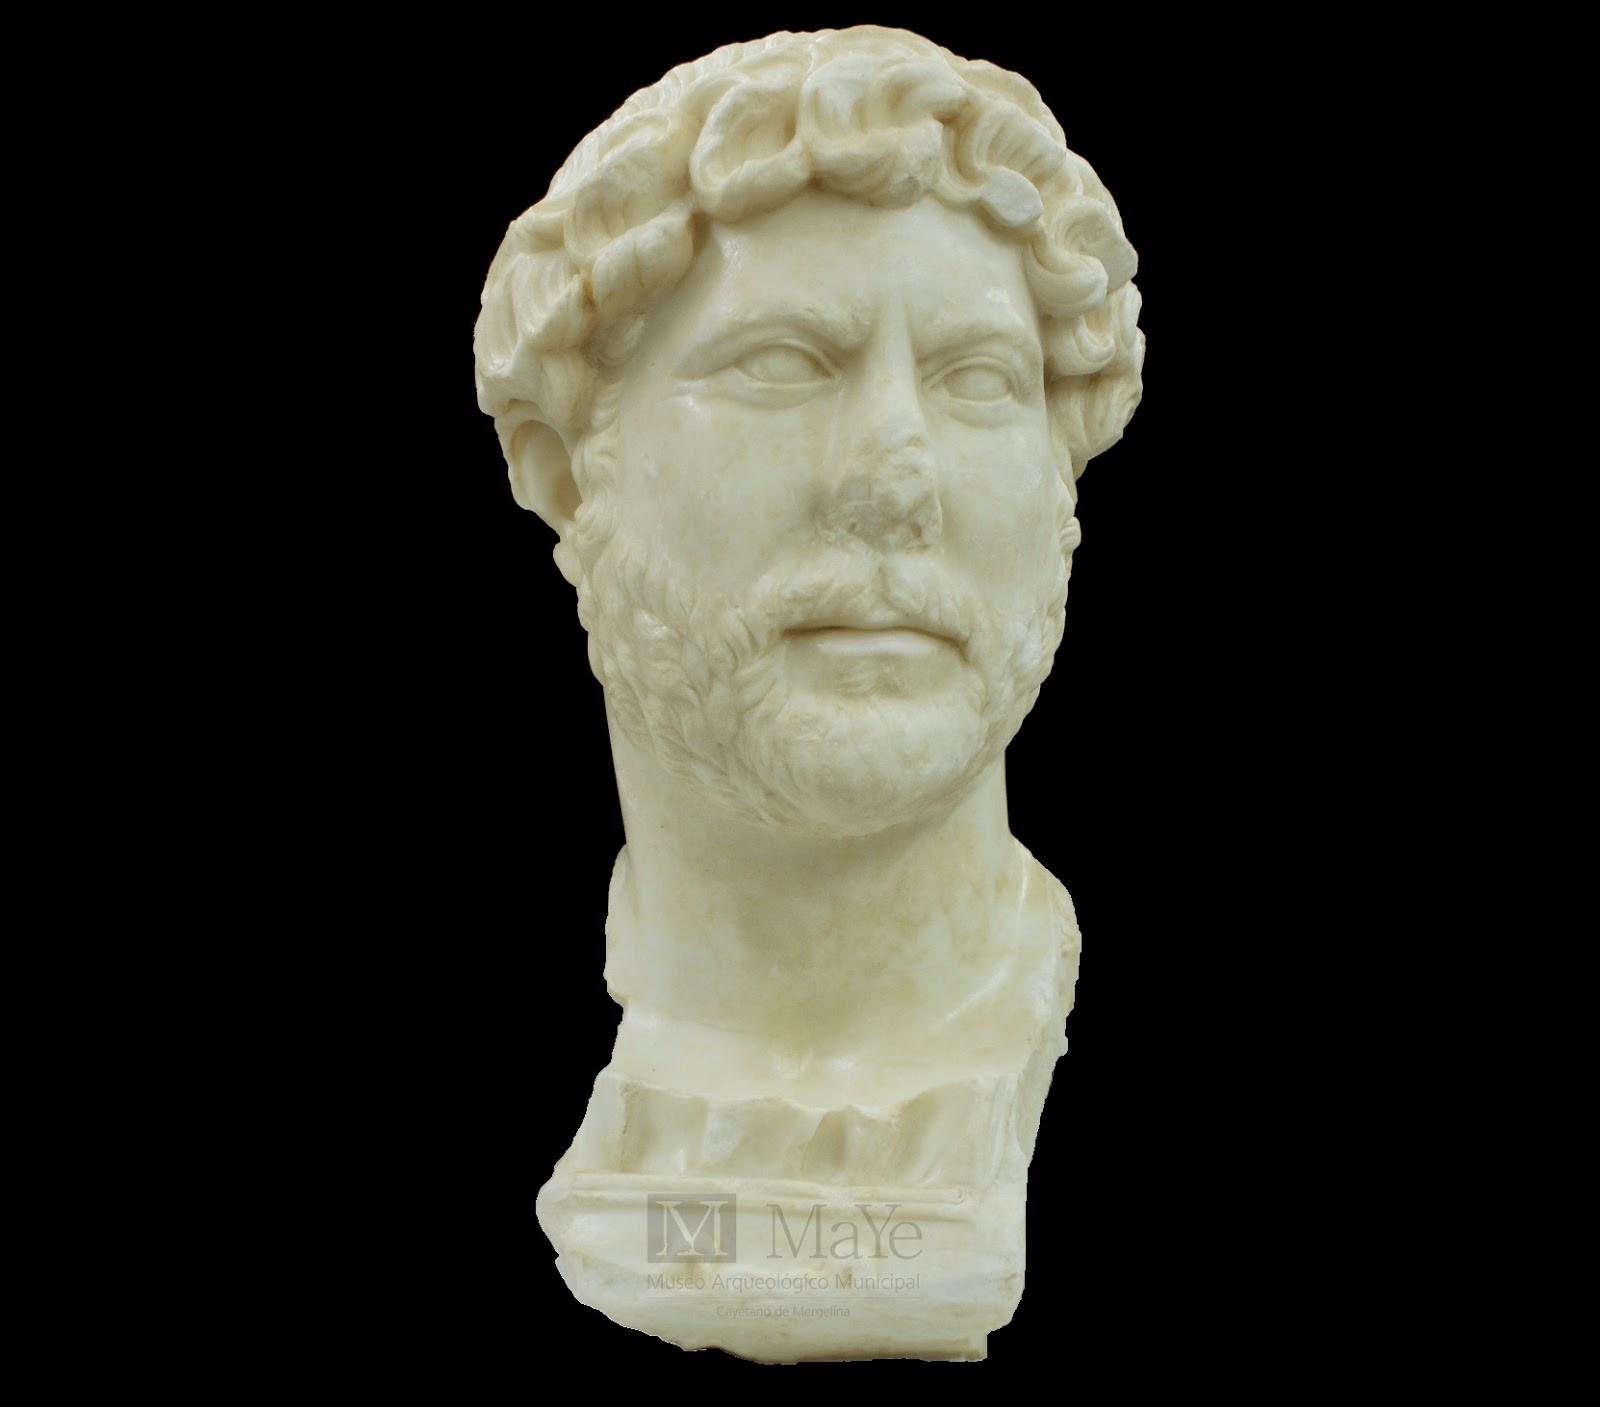 Προτομή του αυτοκράτορα Αδριανού ανακαλύφθηκε στην Ισπανία